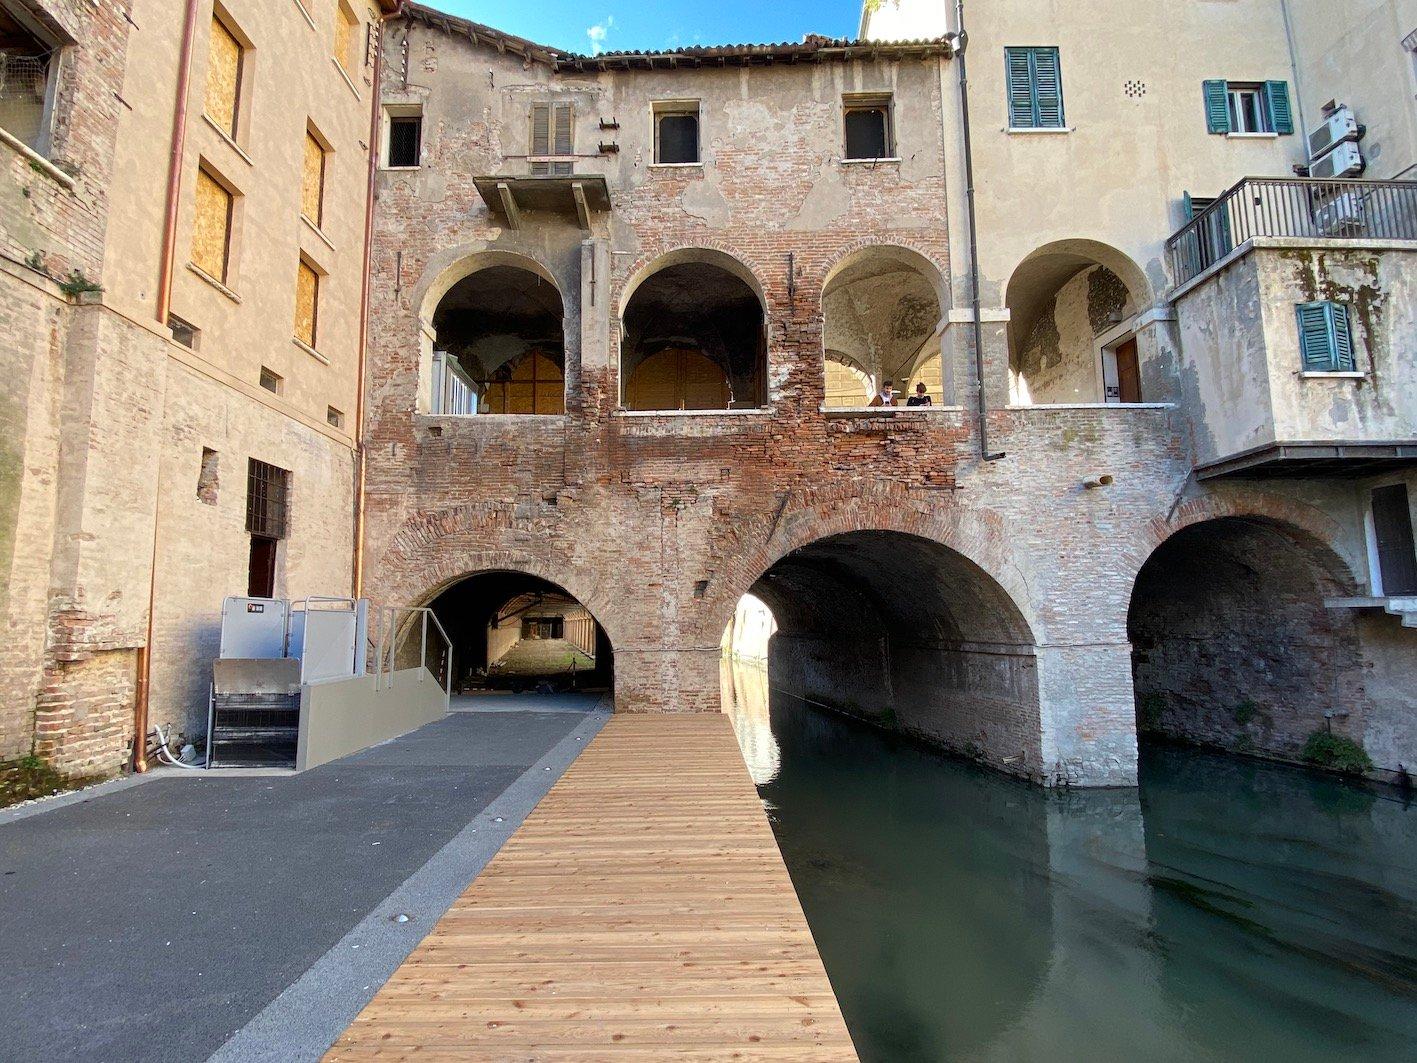 Pescherie di Giulio Romano a Mantova dopo il restauro